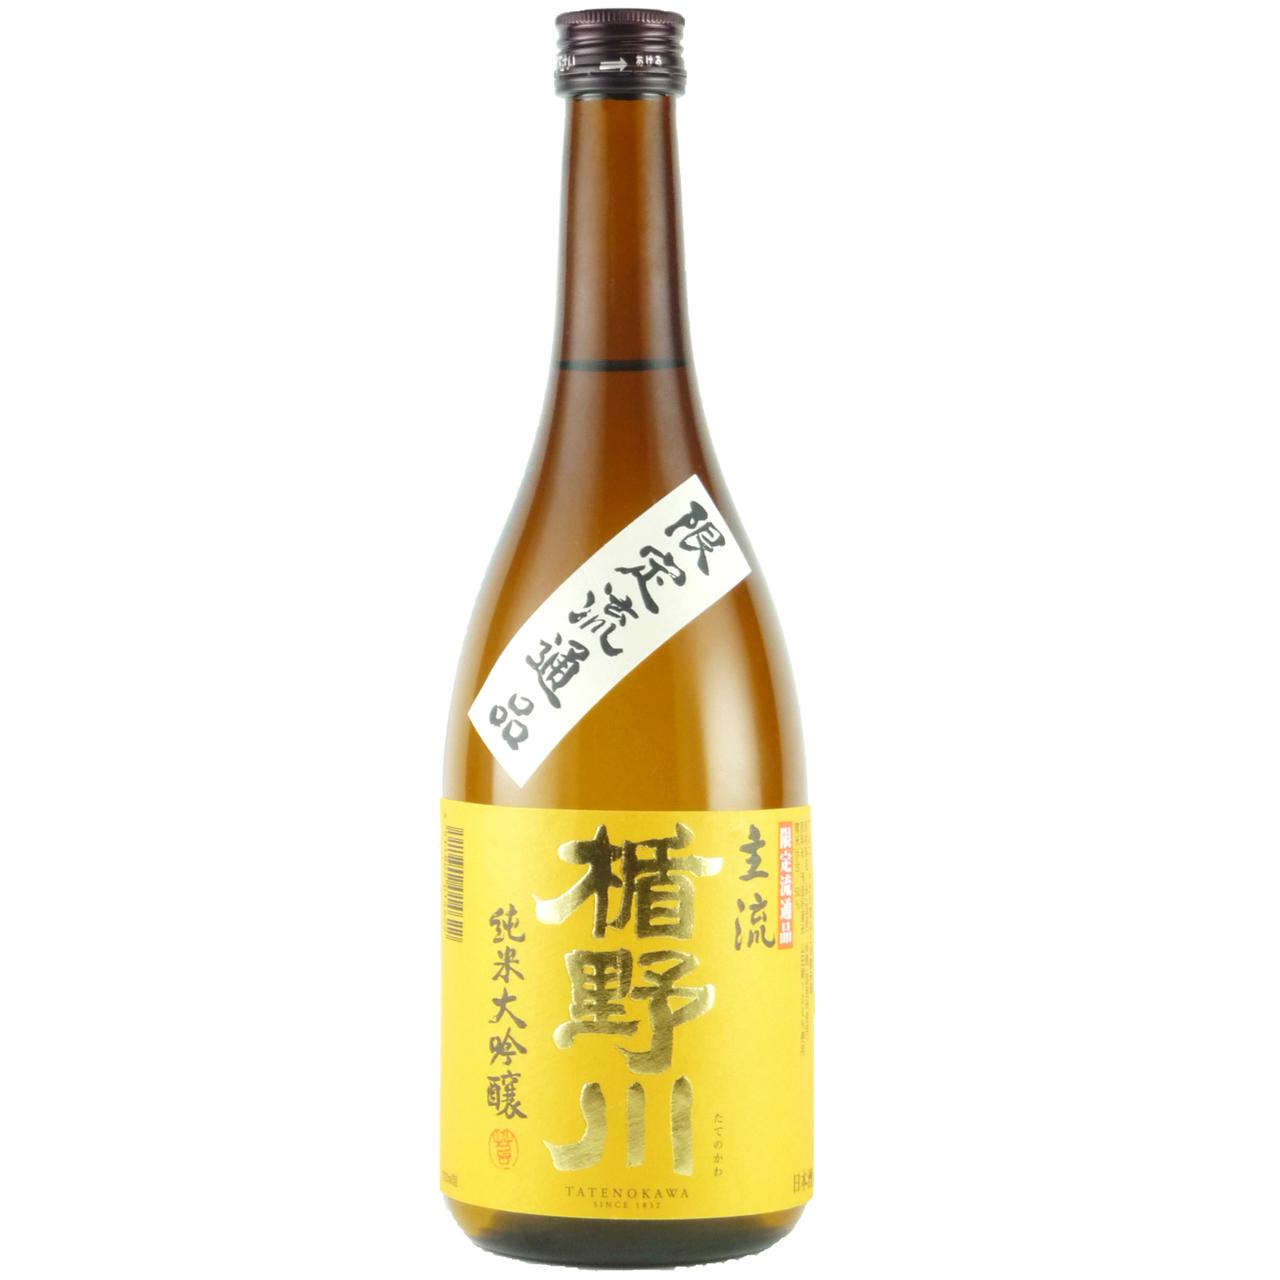 お歳暮 ギフト 楯野川 主流 純米大吟醸 720ml 12本 山形県 楯の川酒造 日本酒 ケース販売 送料無料 ラッキーシール対応